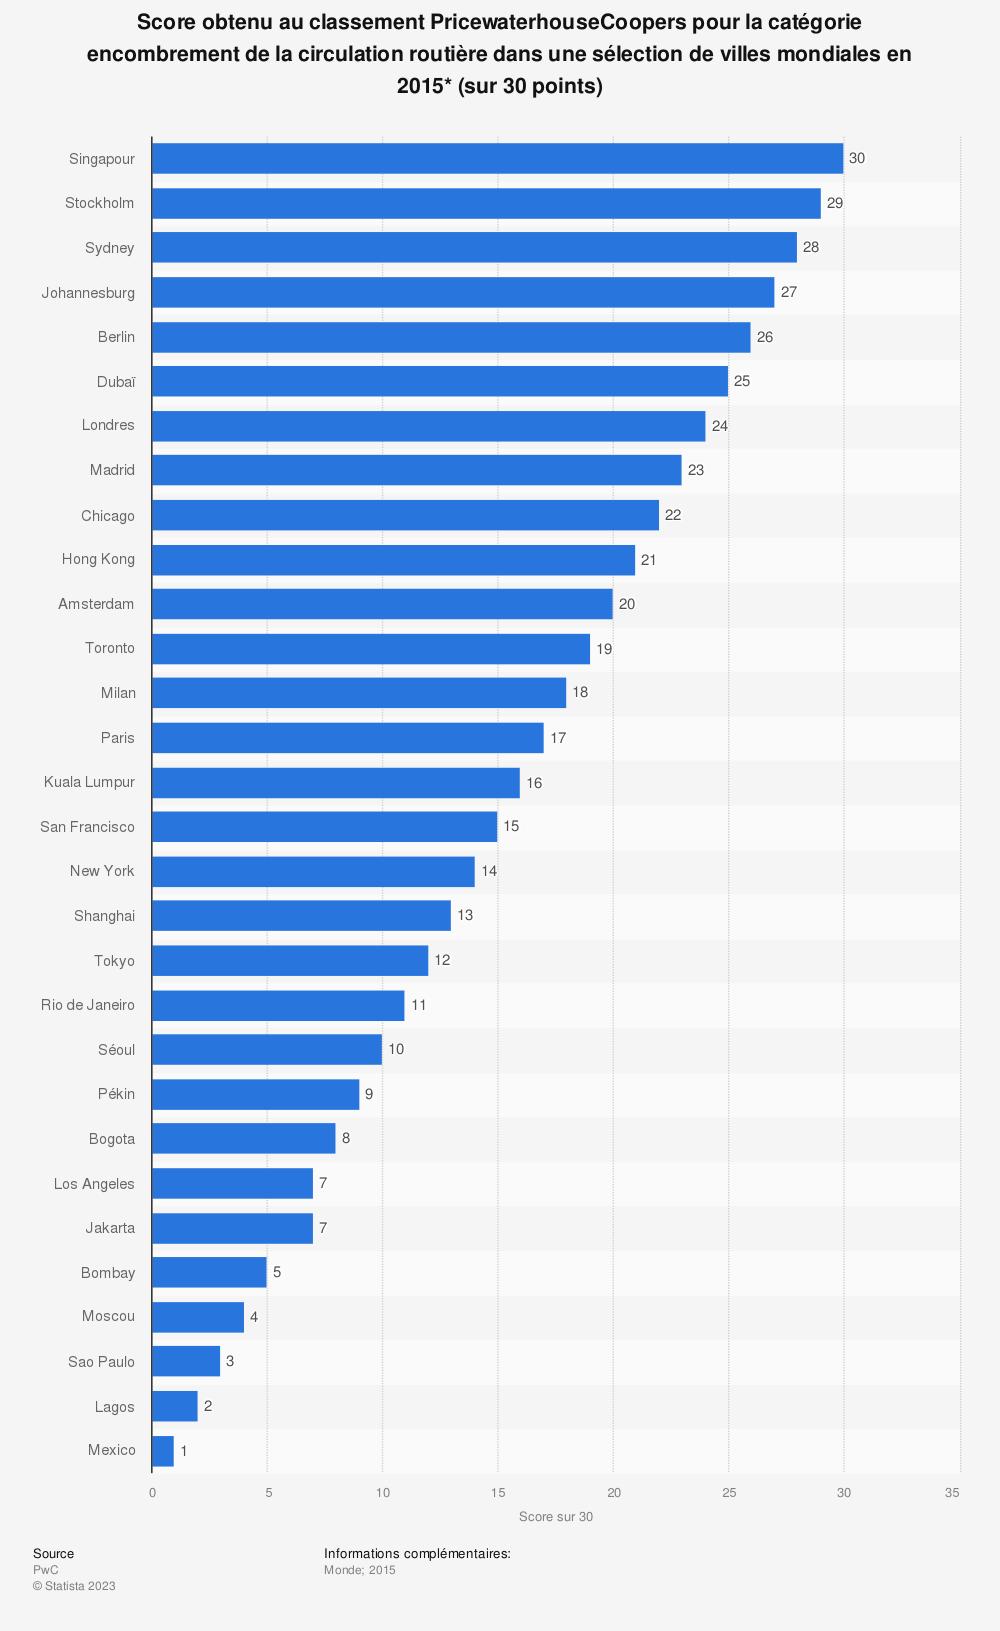 Statistique: Score obtenu au classement PricewaterhouseCoopers pour la catégorie encombrement de la circulation routière dans une sélection de villes mondiales en 2015* (sur 30 points) | Statista